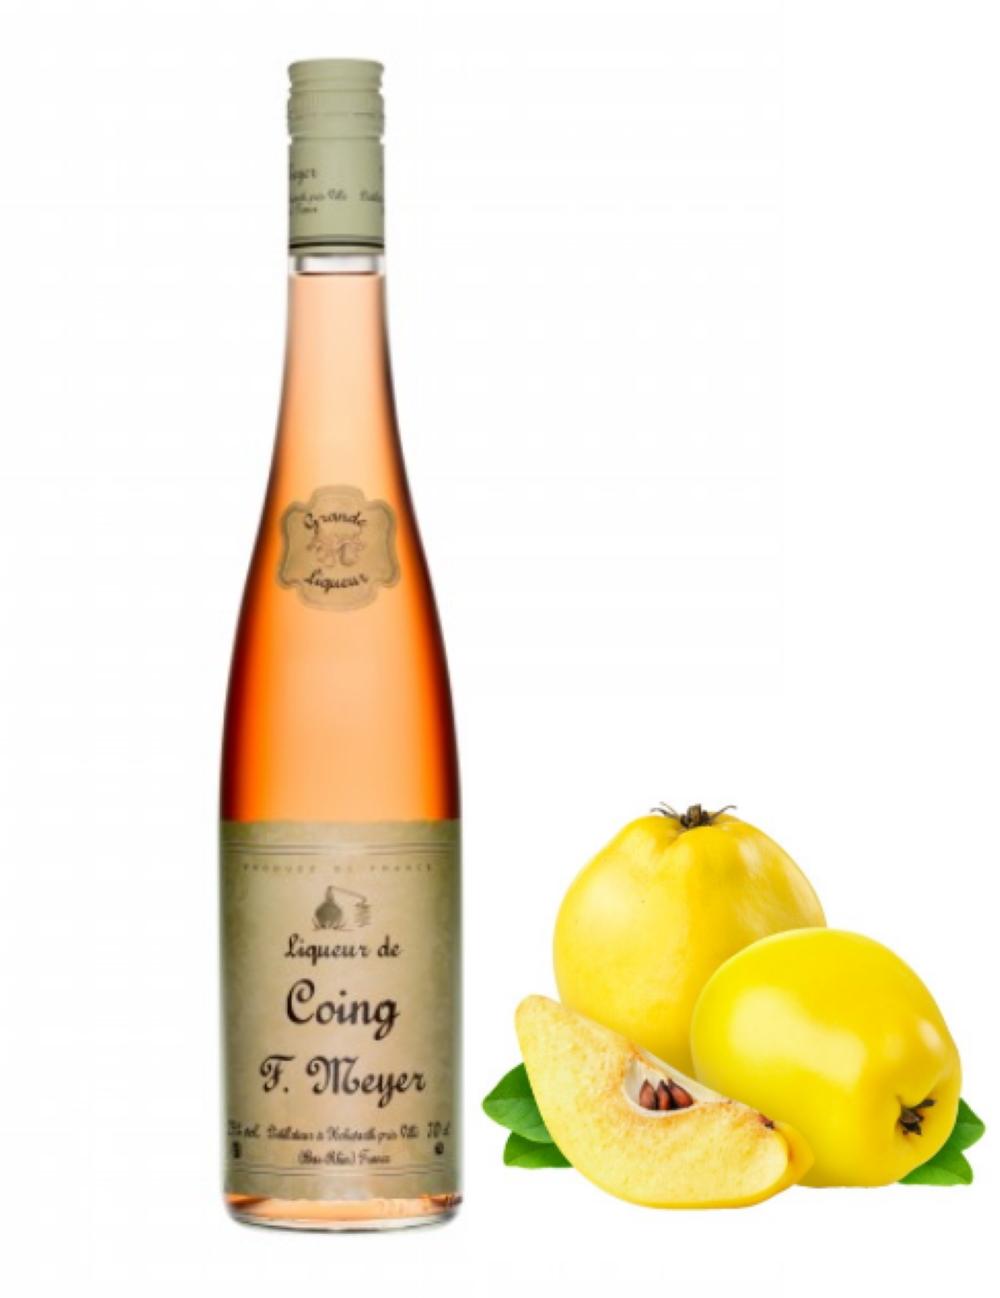 Liqueur Coing   Meyer'S lalsace-en-bouteille.com 1000